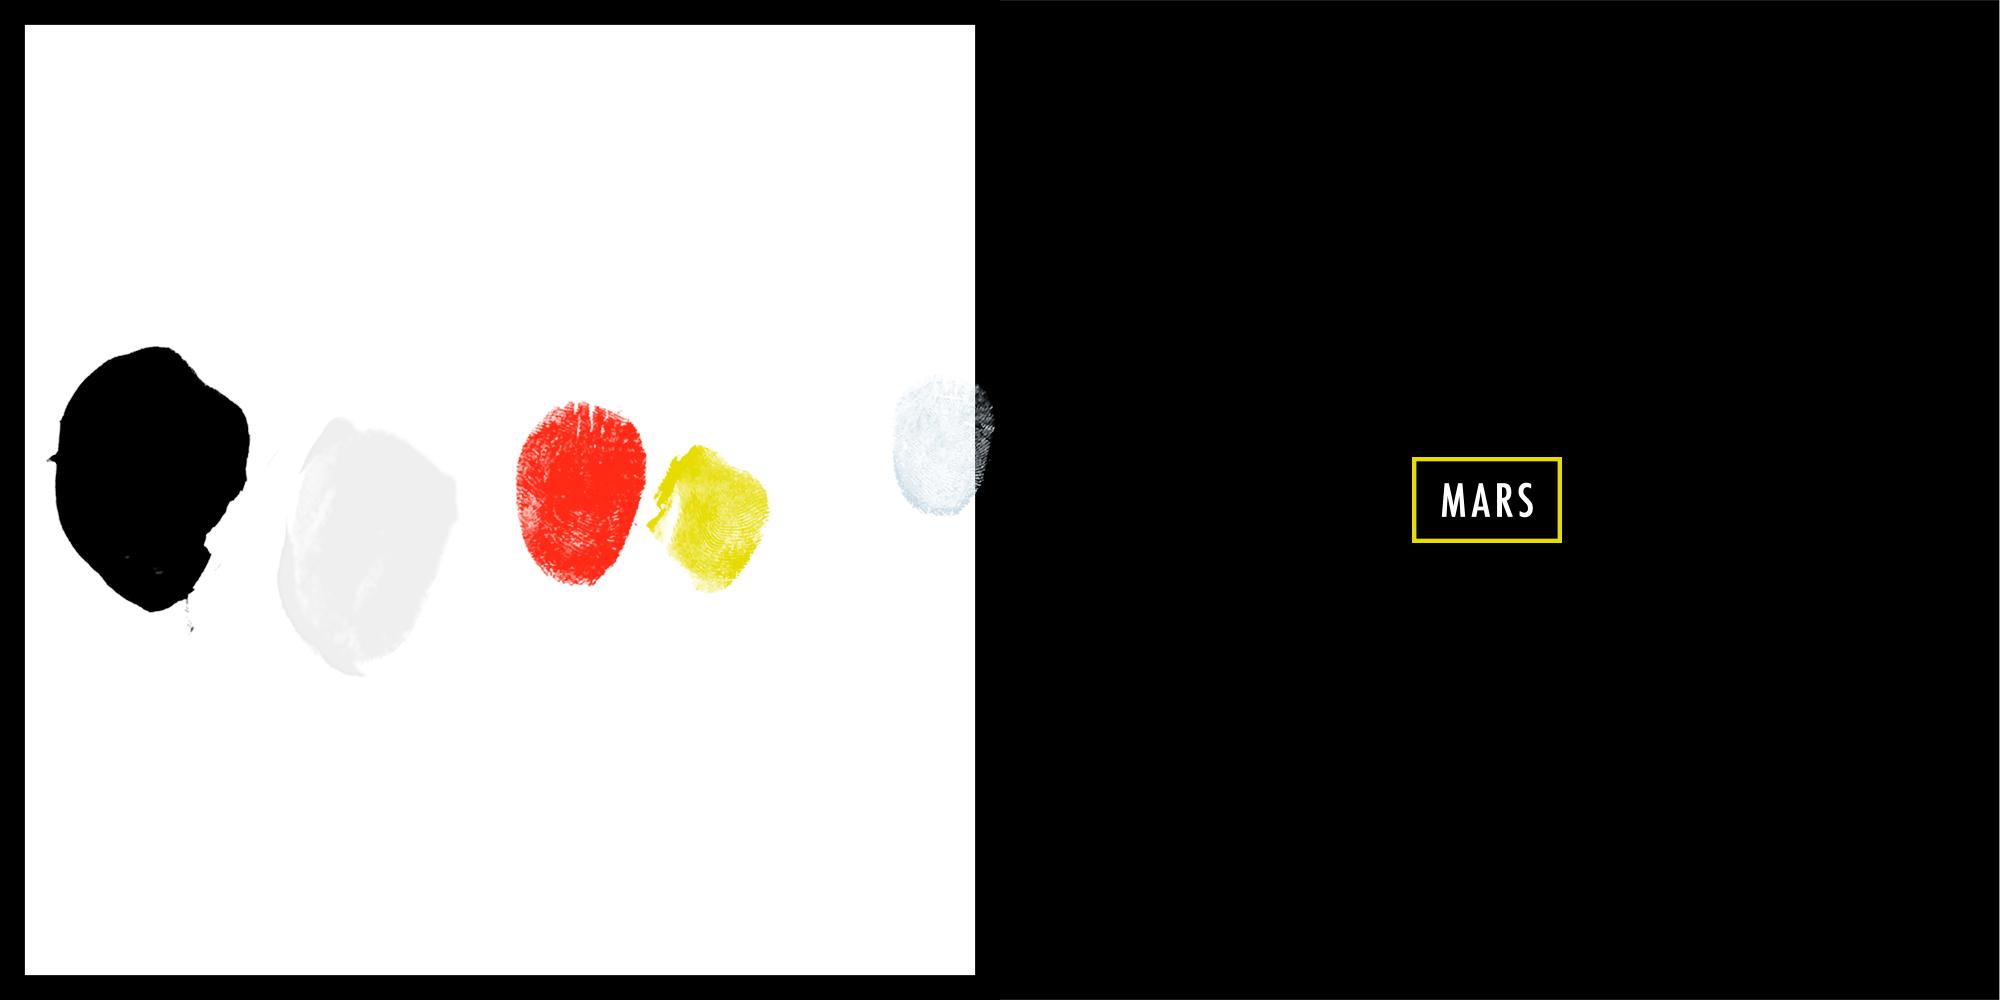 Mars_BrandsBlocks_Intro_2018.jpg